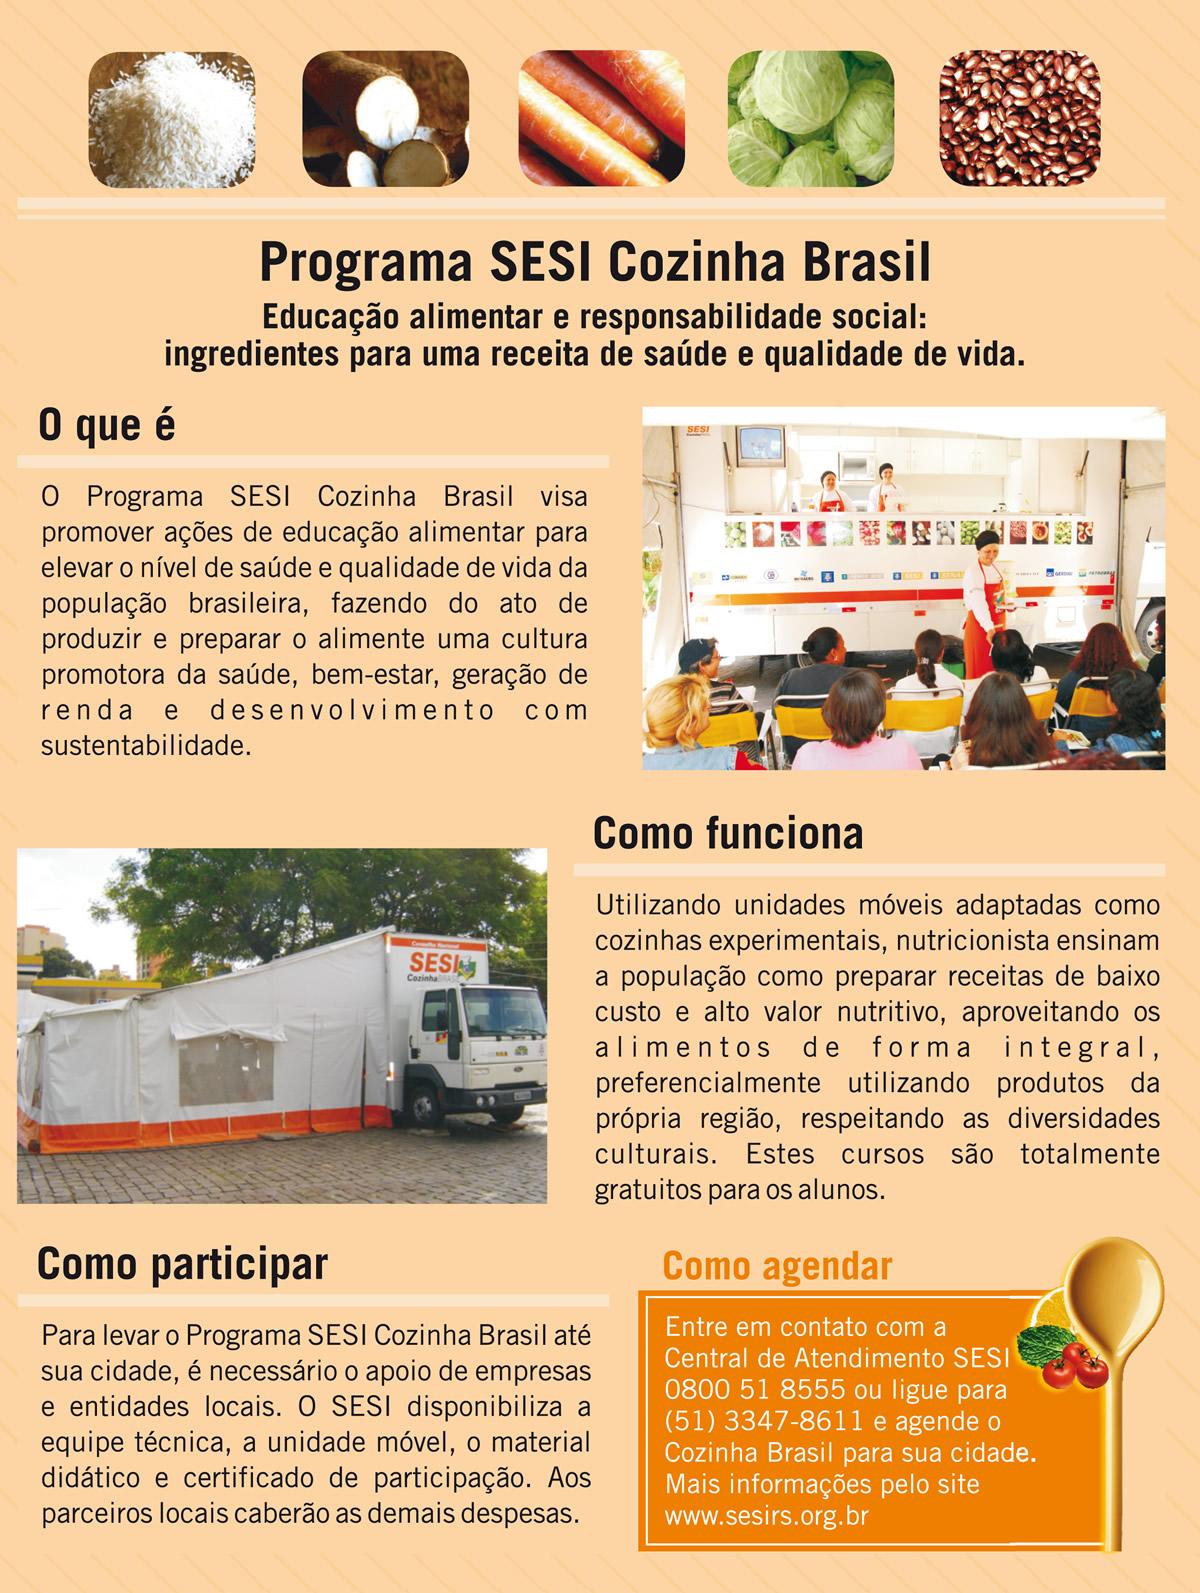 Batalhão de Polícia de Área de Fronteira: Projeto Cozinha Brasil #BD710E 1200 1593